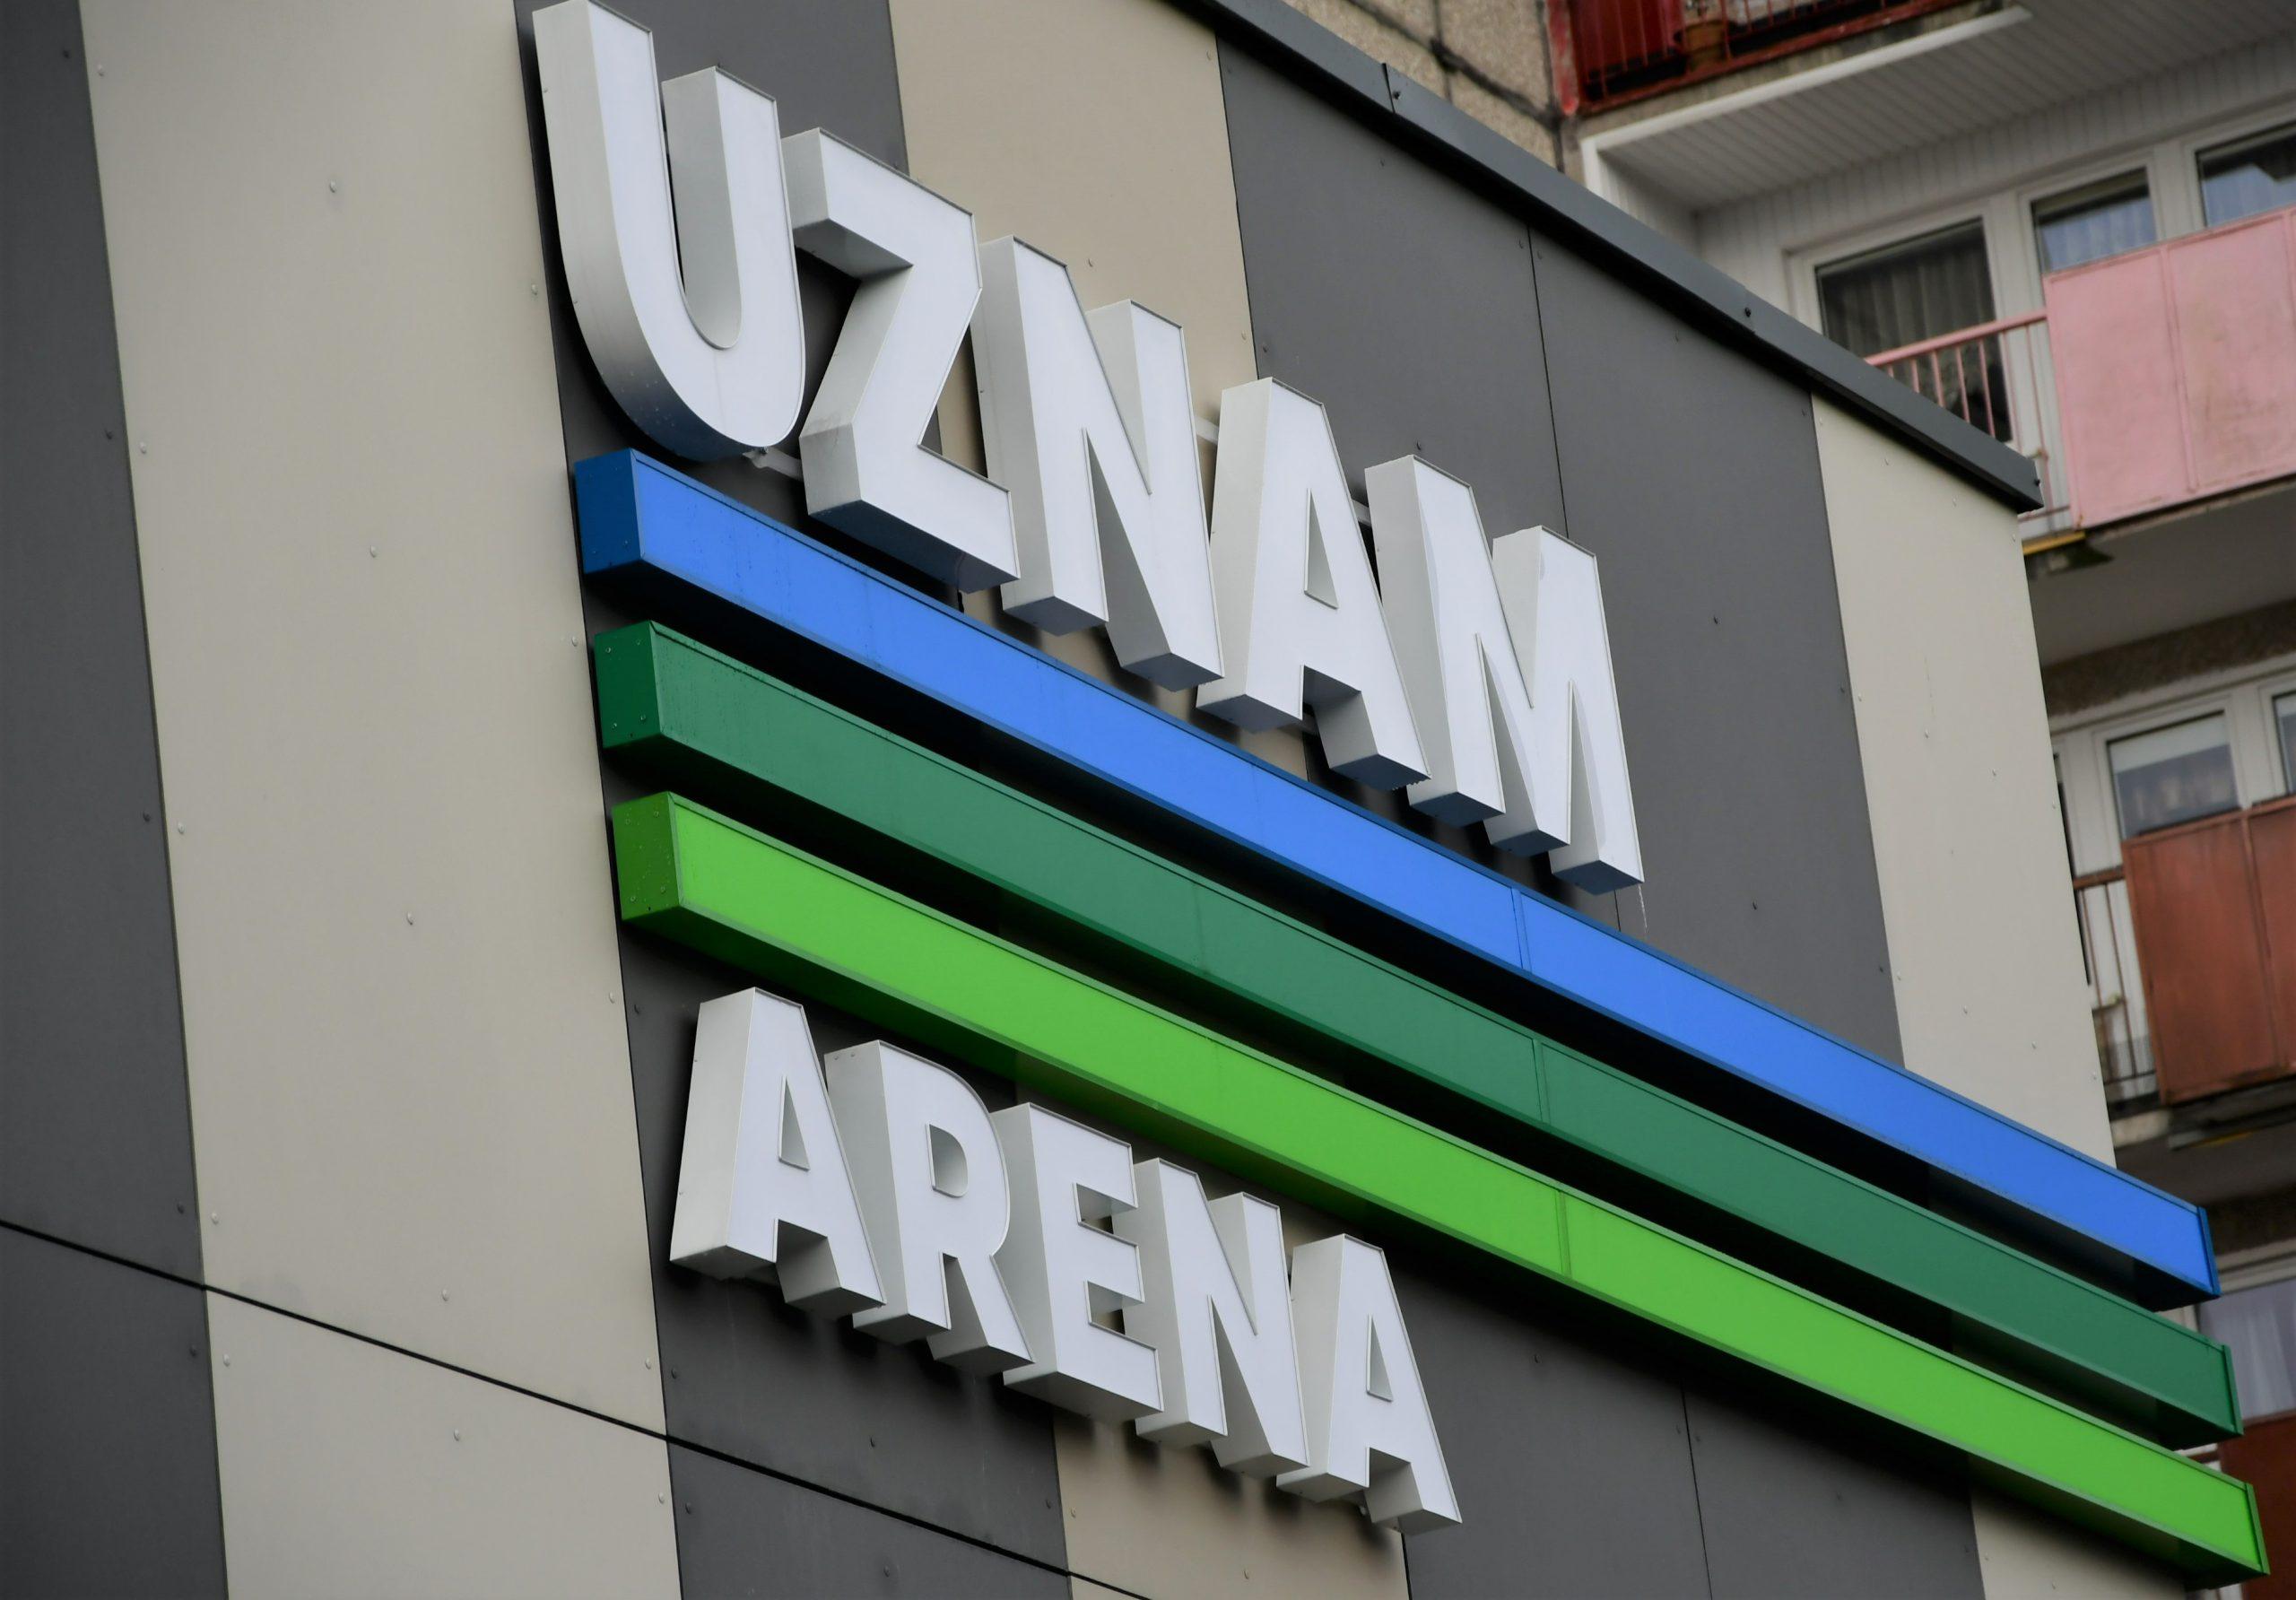 uznam arena świnoujskie - Bizancjum michalskiej i zmurkiewicza